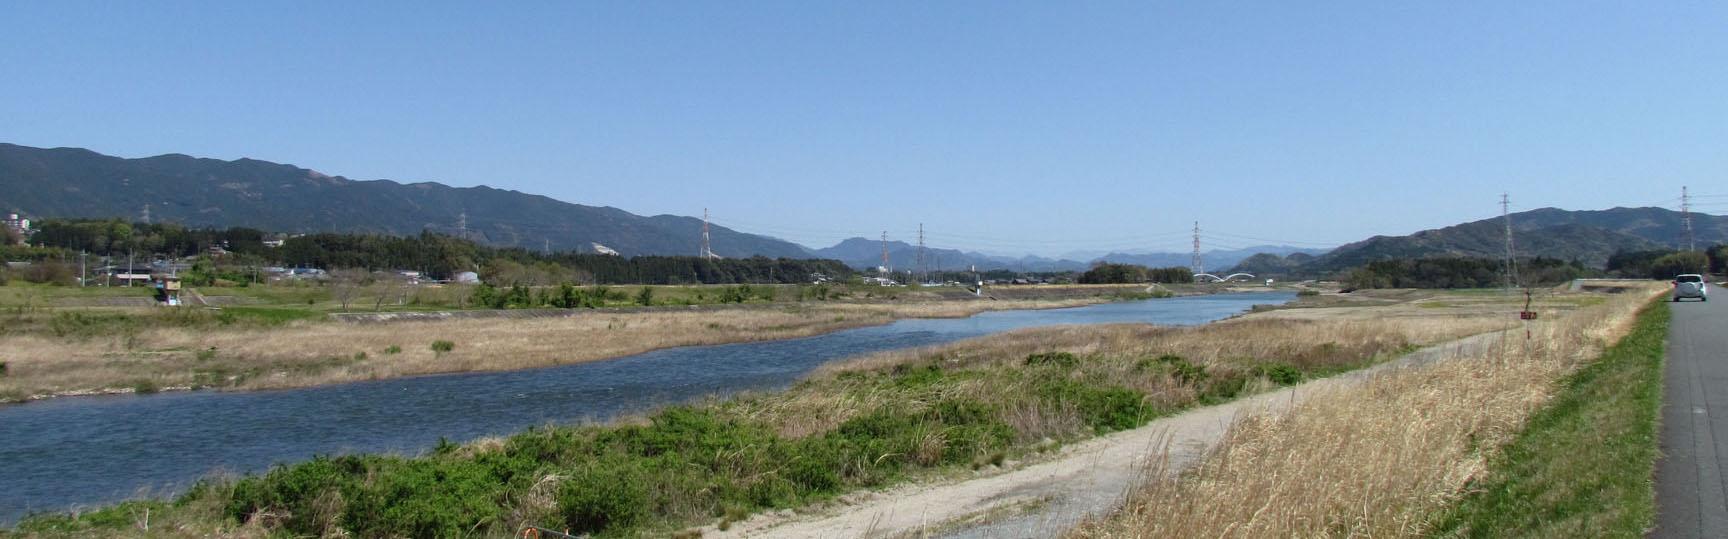 設楽ダムの建設中止を求める会